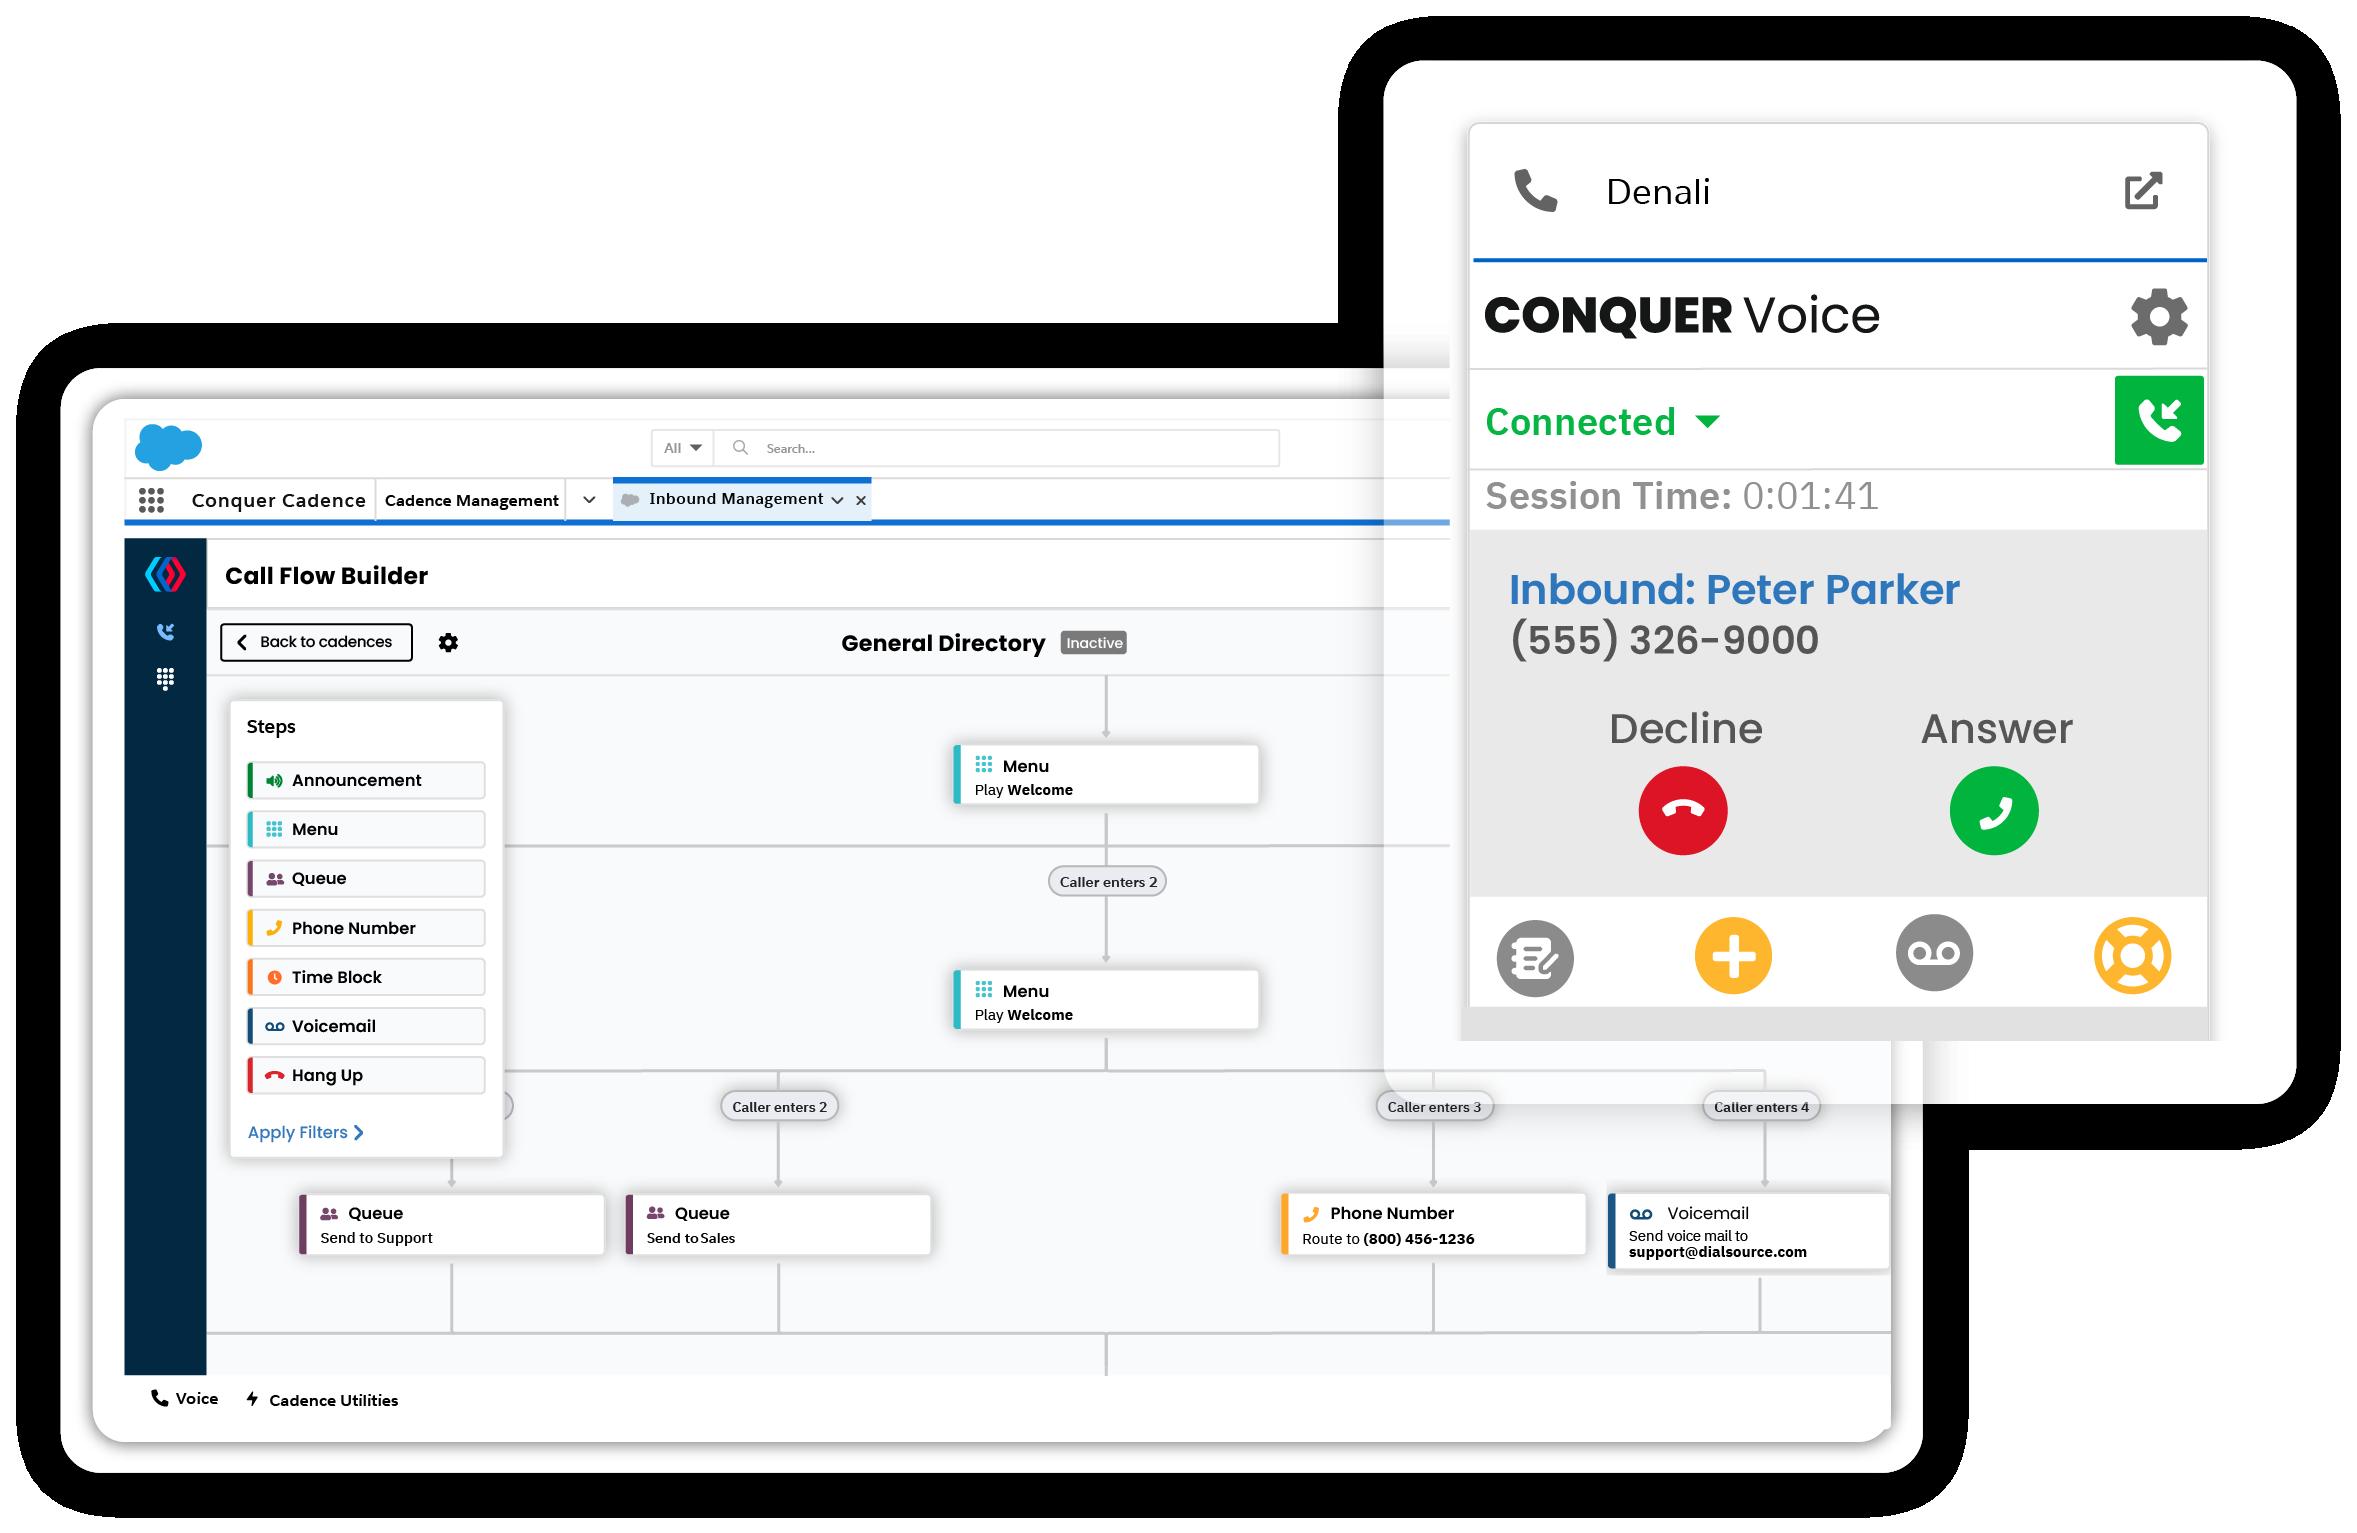 Conquer Cadence - Inbound & Outbound Voice